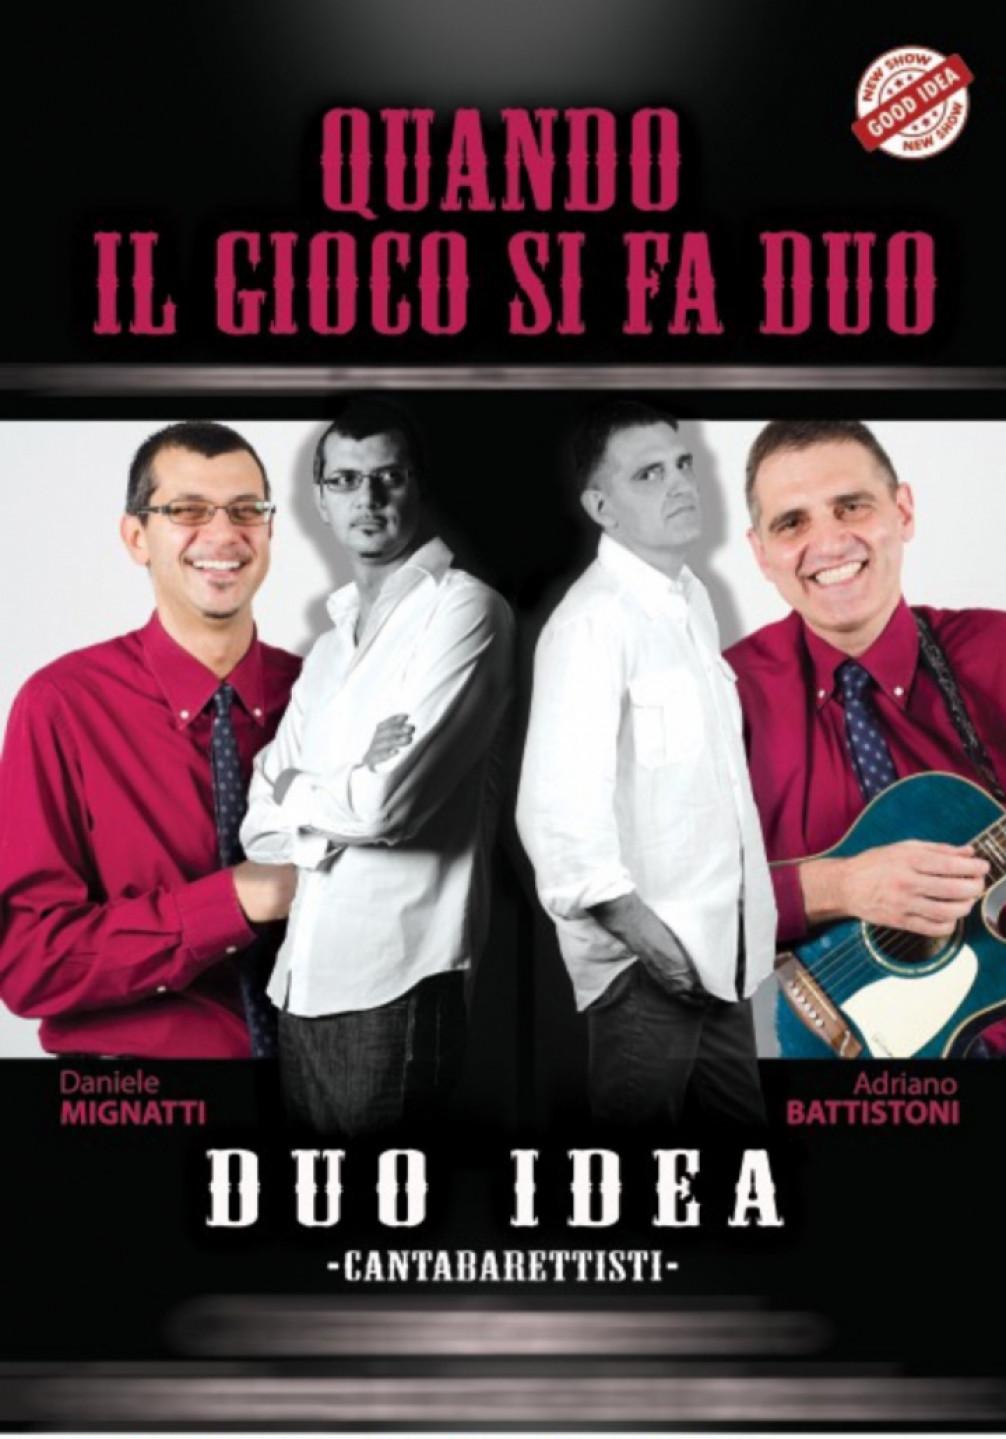 Duo iDeA al TEATRO ALEMANNI - QUANDO IL GIOCO